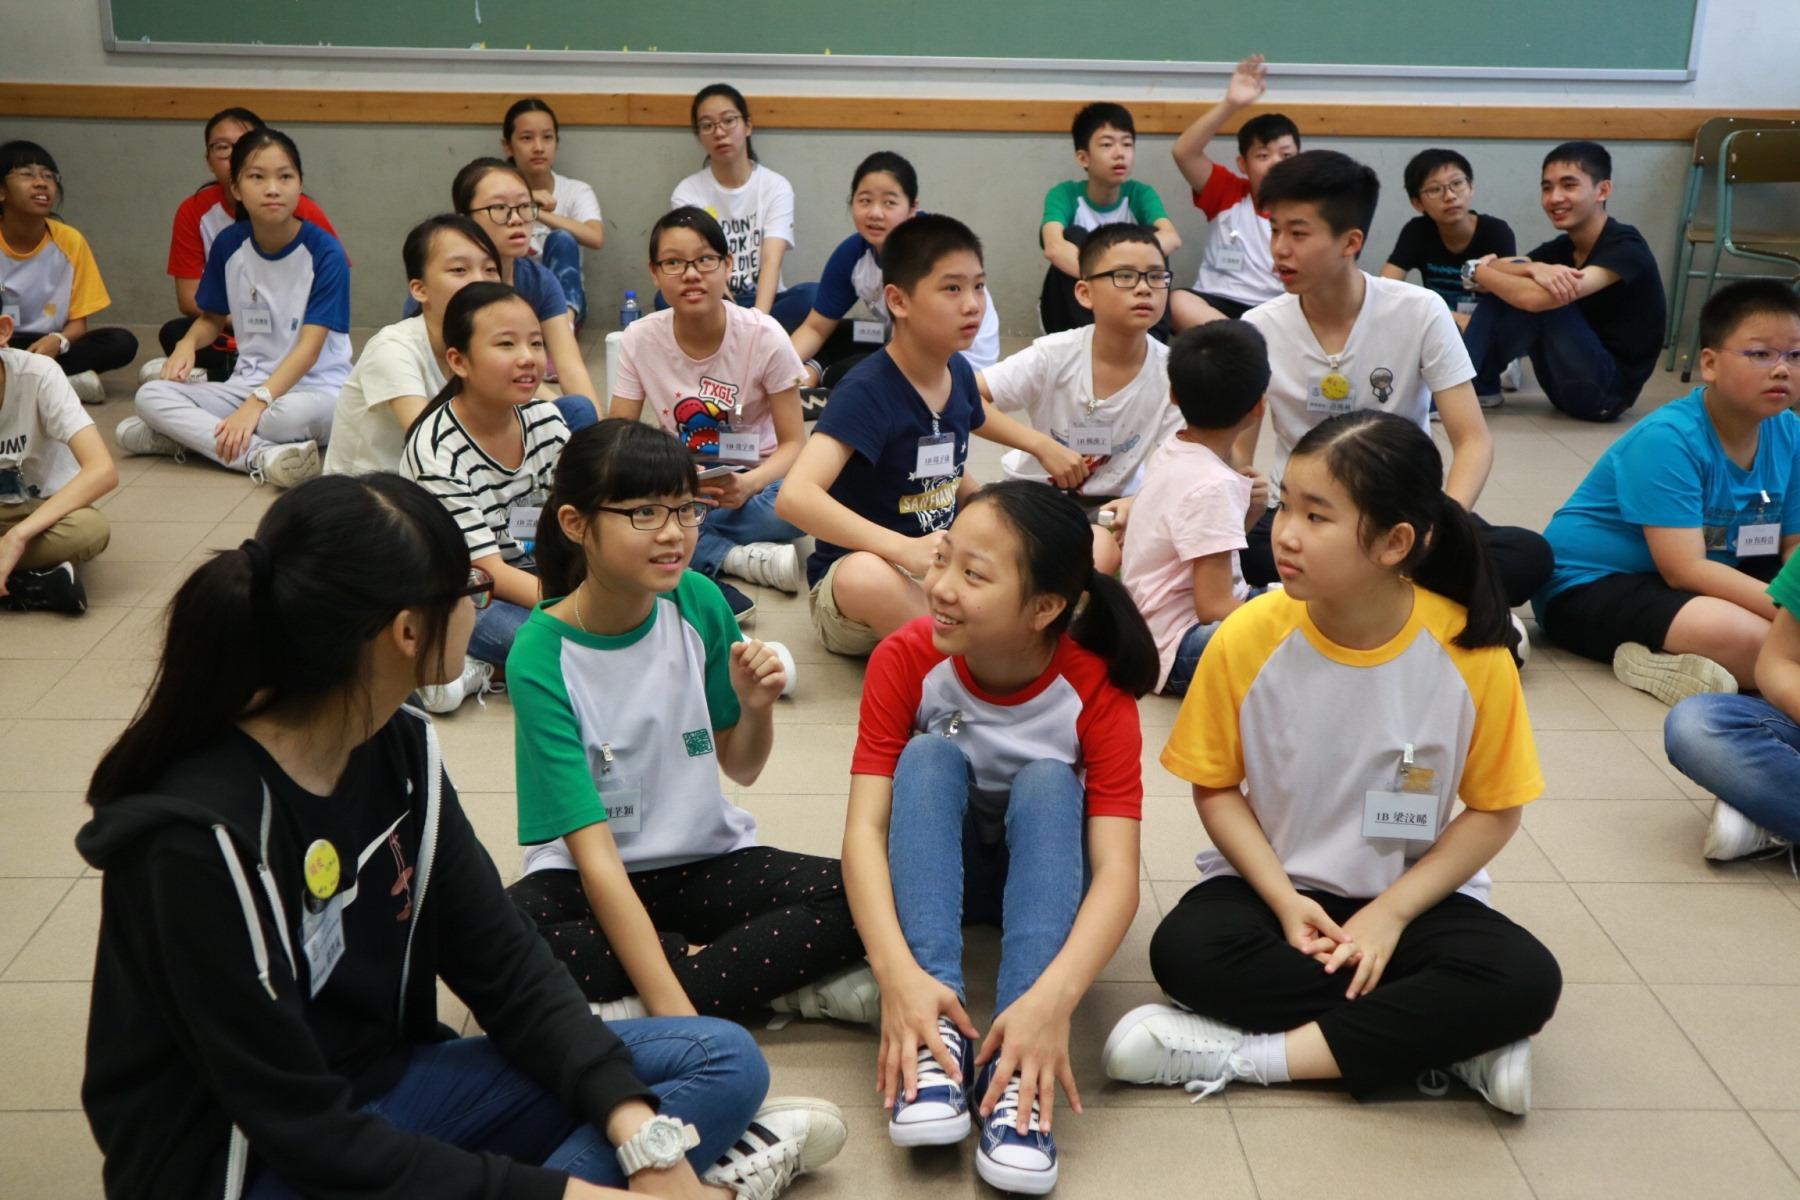 http://npc.edu.hk/sites/default/files/1b_dong_dong_nao_05.jpg